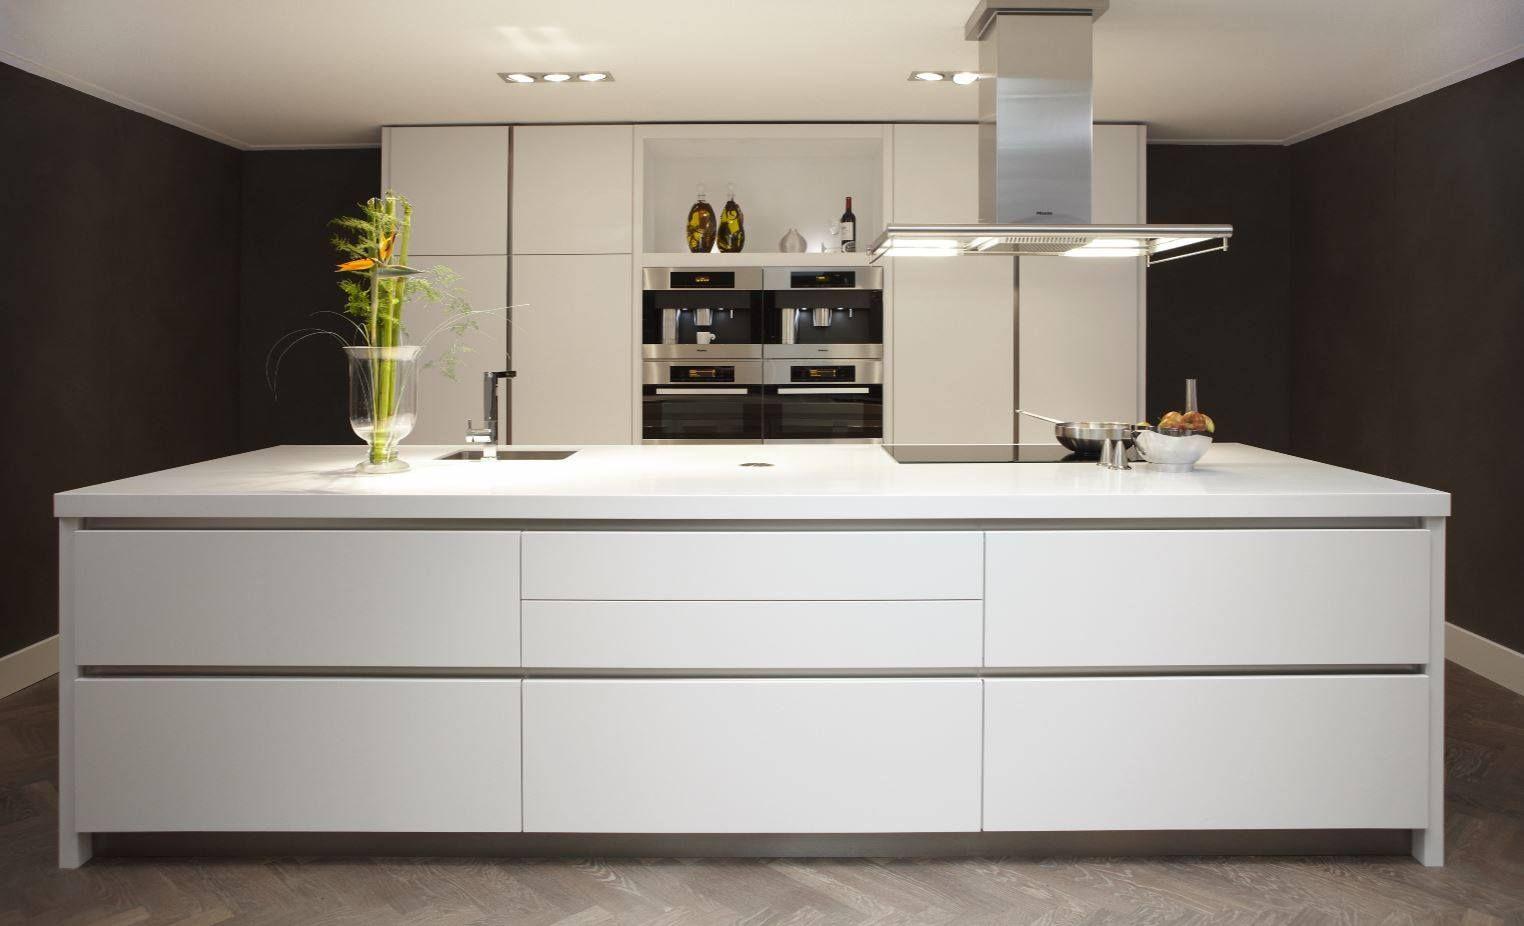 Witte Keuken Sfeer : Houdt u ook zo van de moderne keuken? wij creëren elke sfeer! www